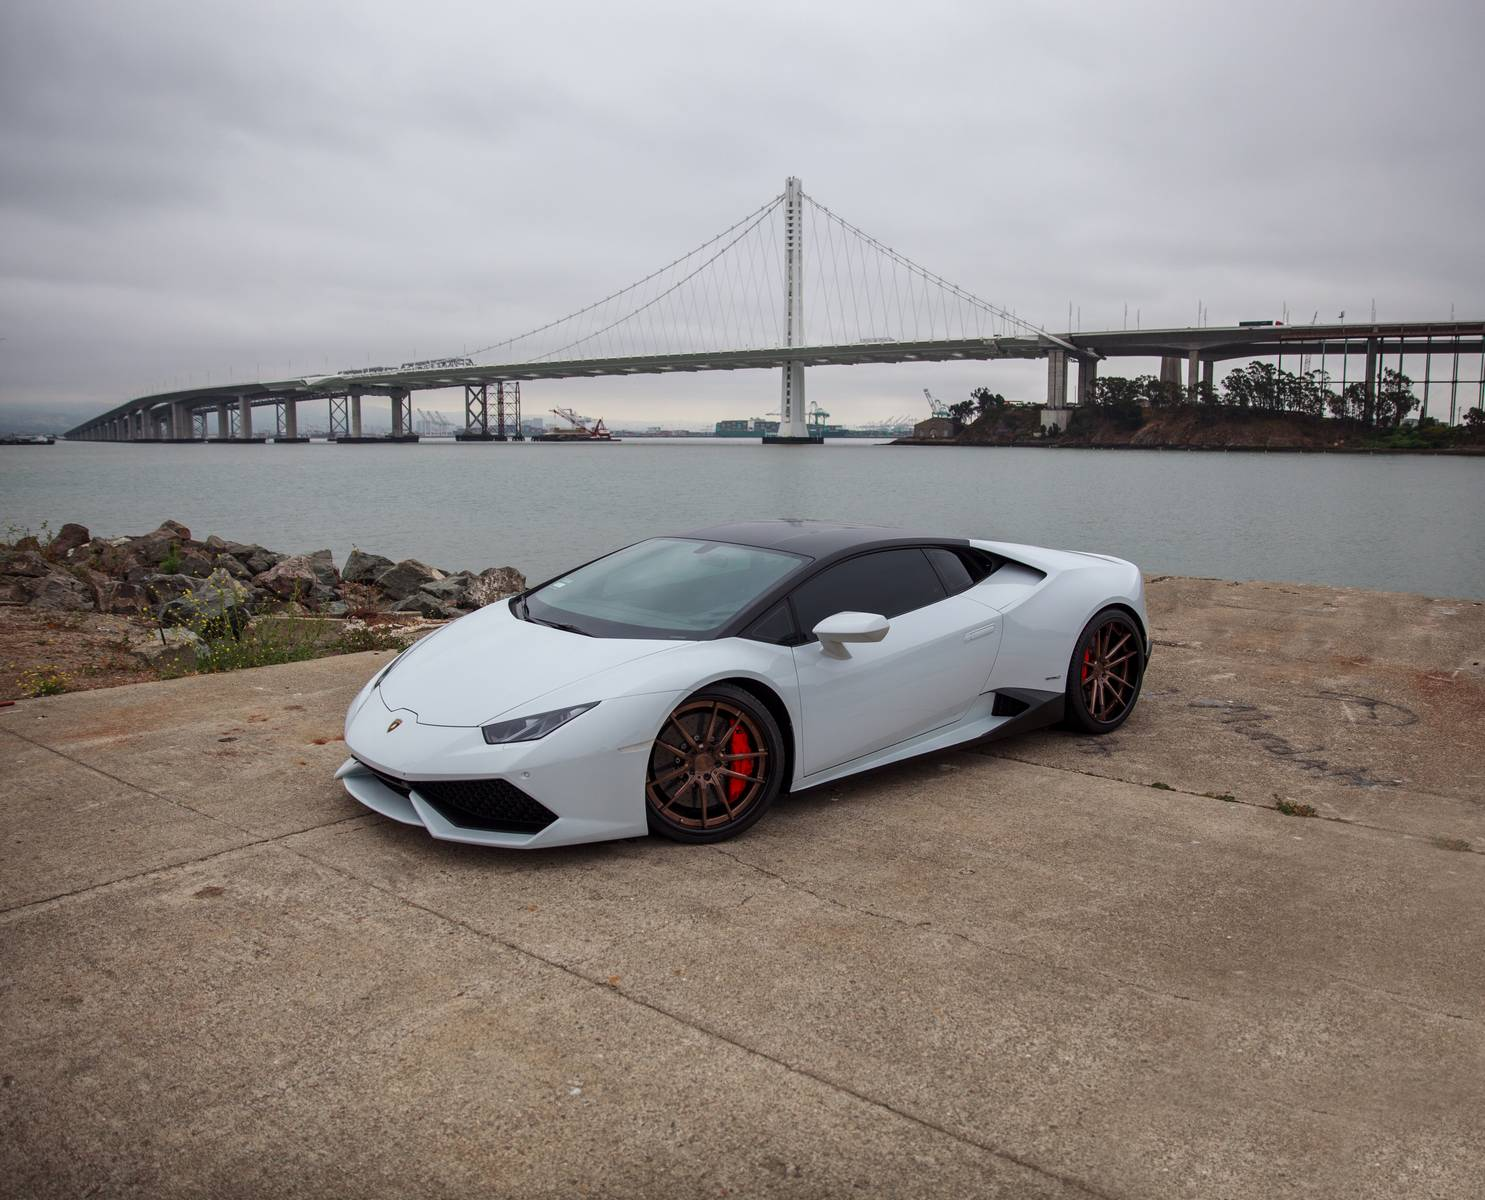 gidi chamdi lamborghini huracan - Lamborghini Huracan Matte White